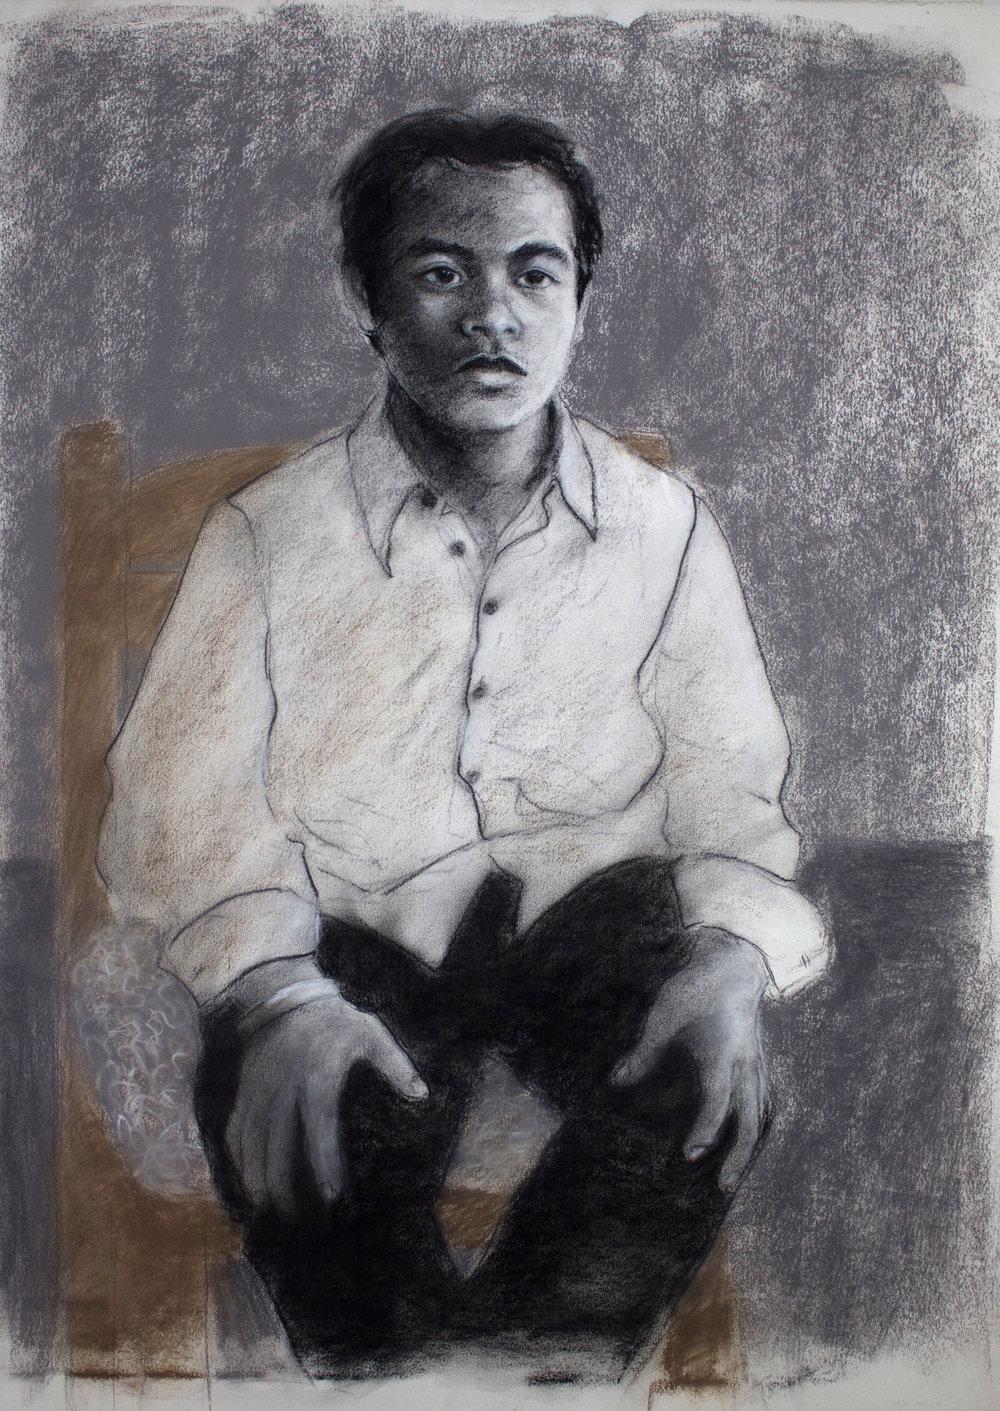 SURVIVAL - PORTRAIT OF DANIEL BY DONNA BACKUES